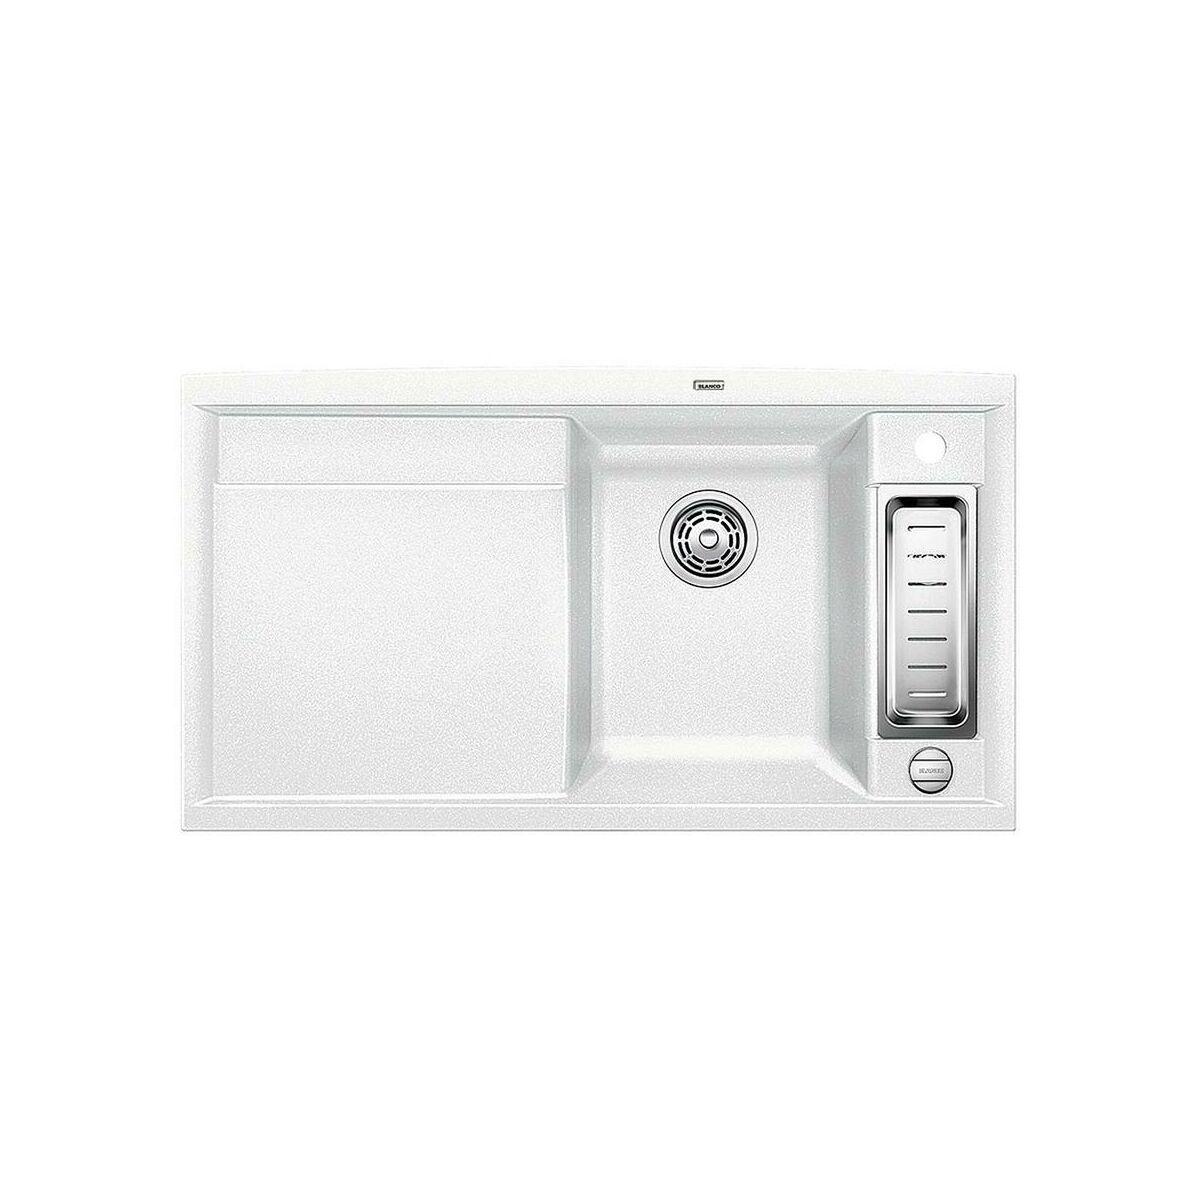 zlewozmywak axia ii 5 s blanco zlewozmywaki granitowe. Black Bedroom Furniture Sets. Home Design Ideas